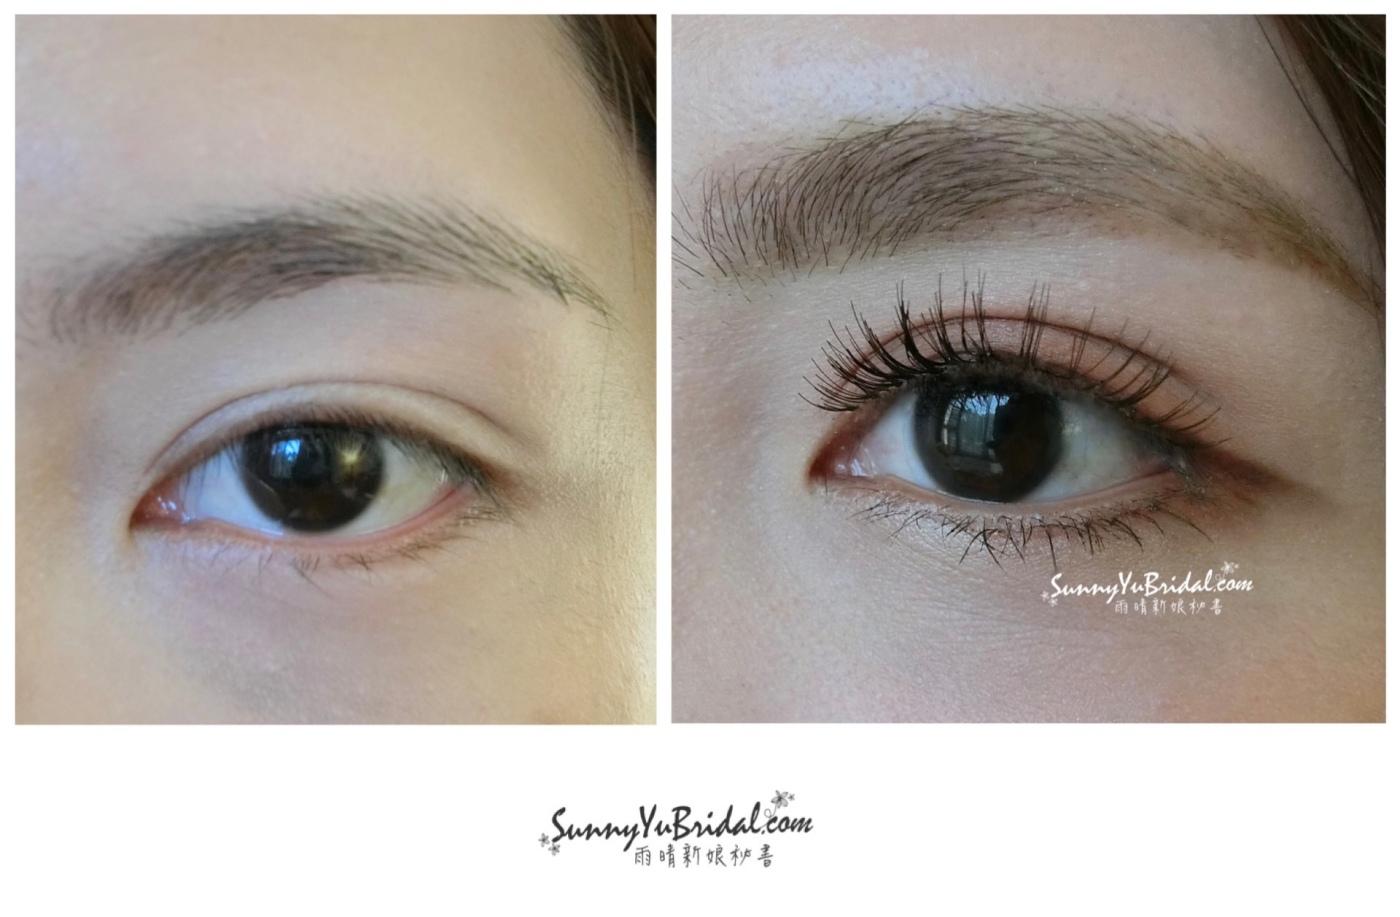 新娘妝容|新娘精緻眼妝|眼型調整|清透乾淨眼妝|根根分明睫毛|仿真下睫毛|眼妝前後比對|雙眼皮眼妝